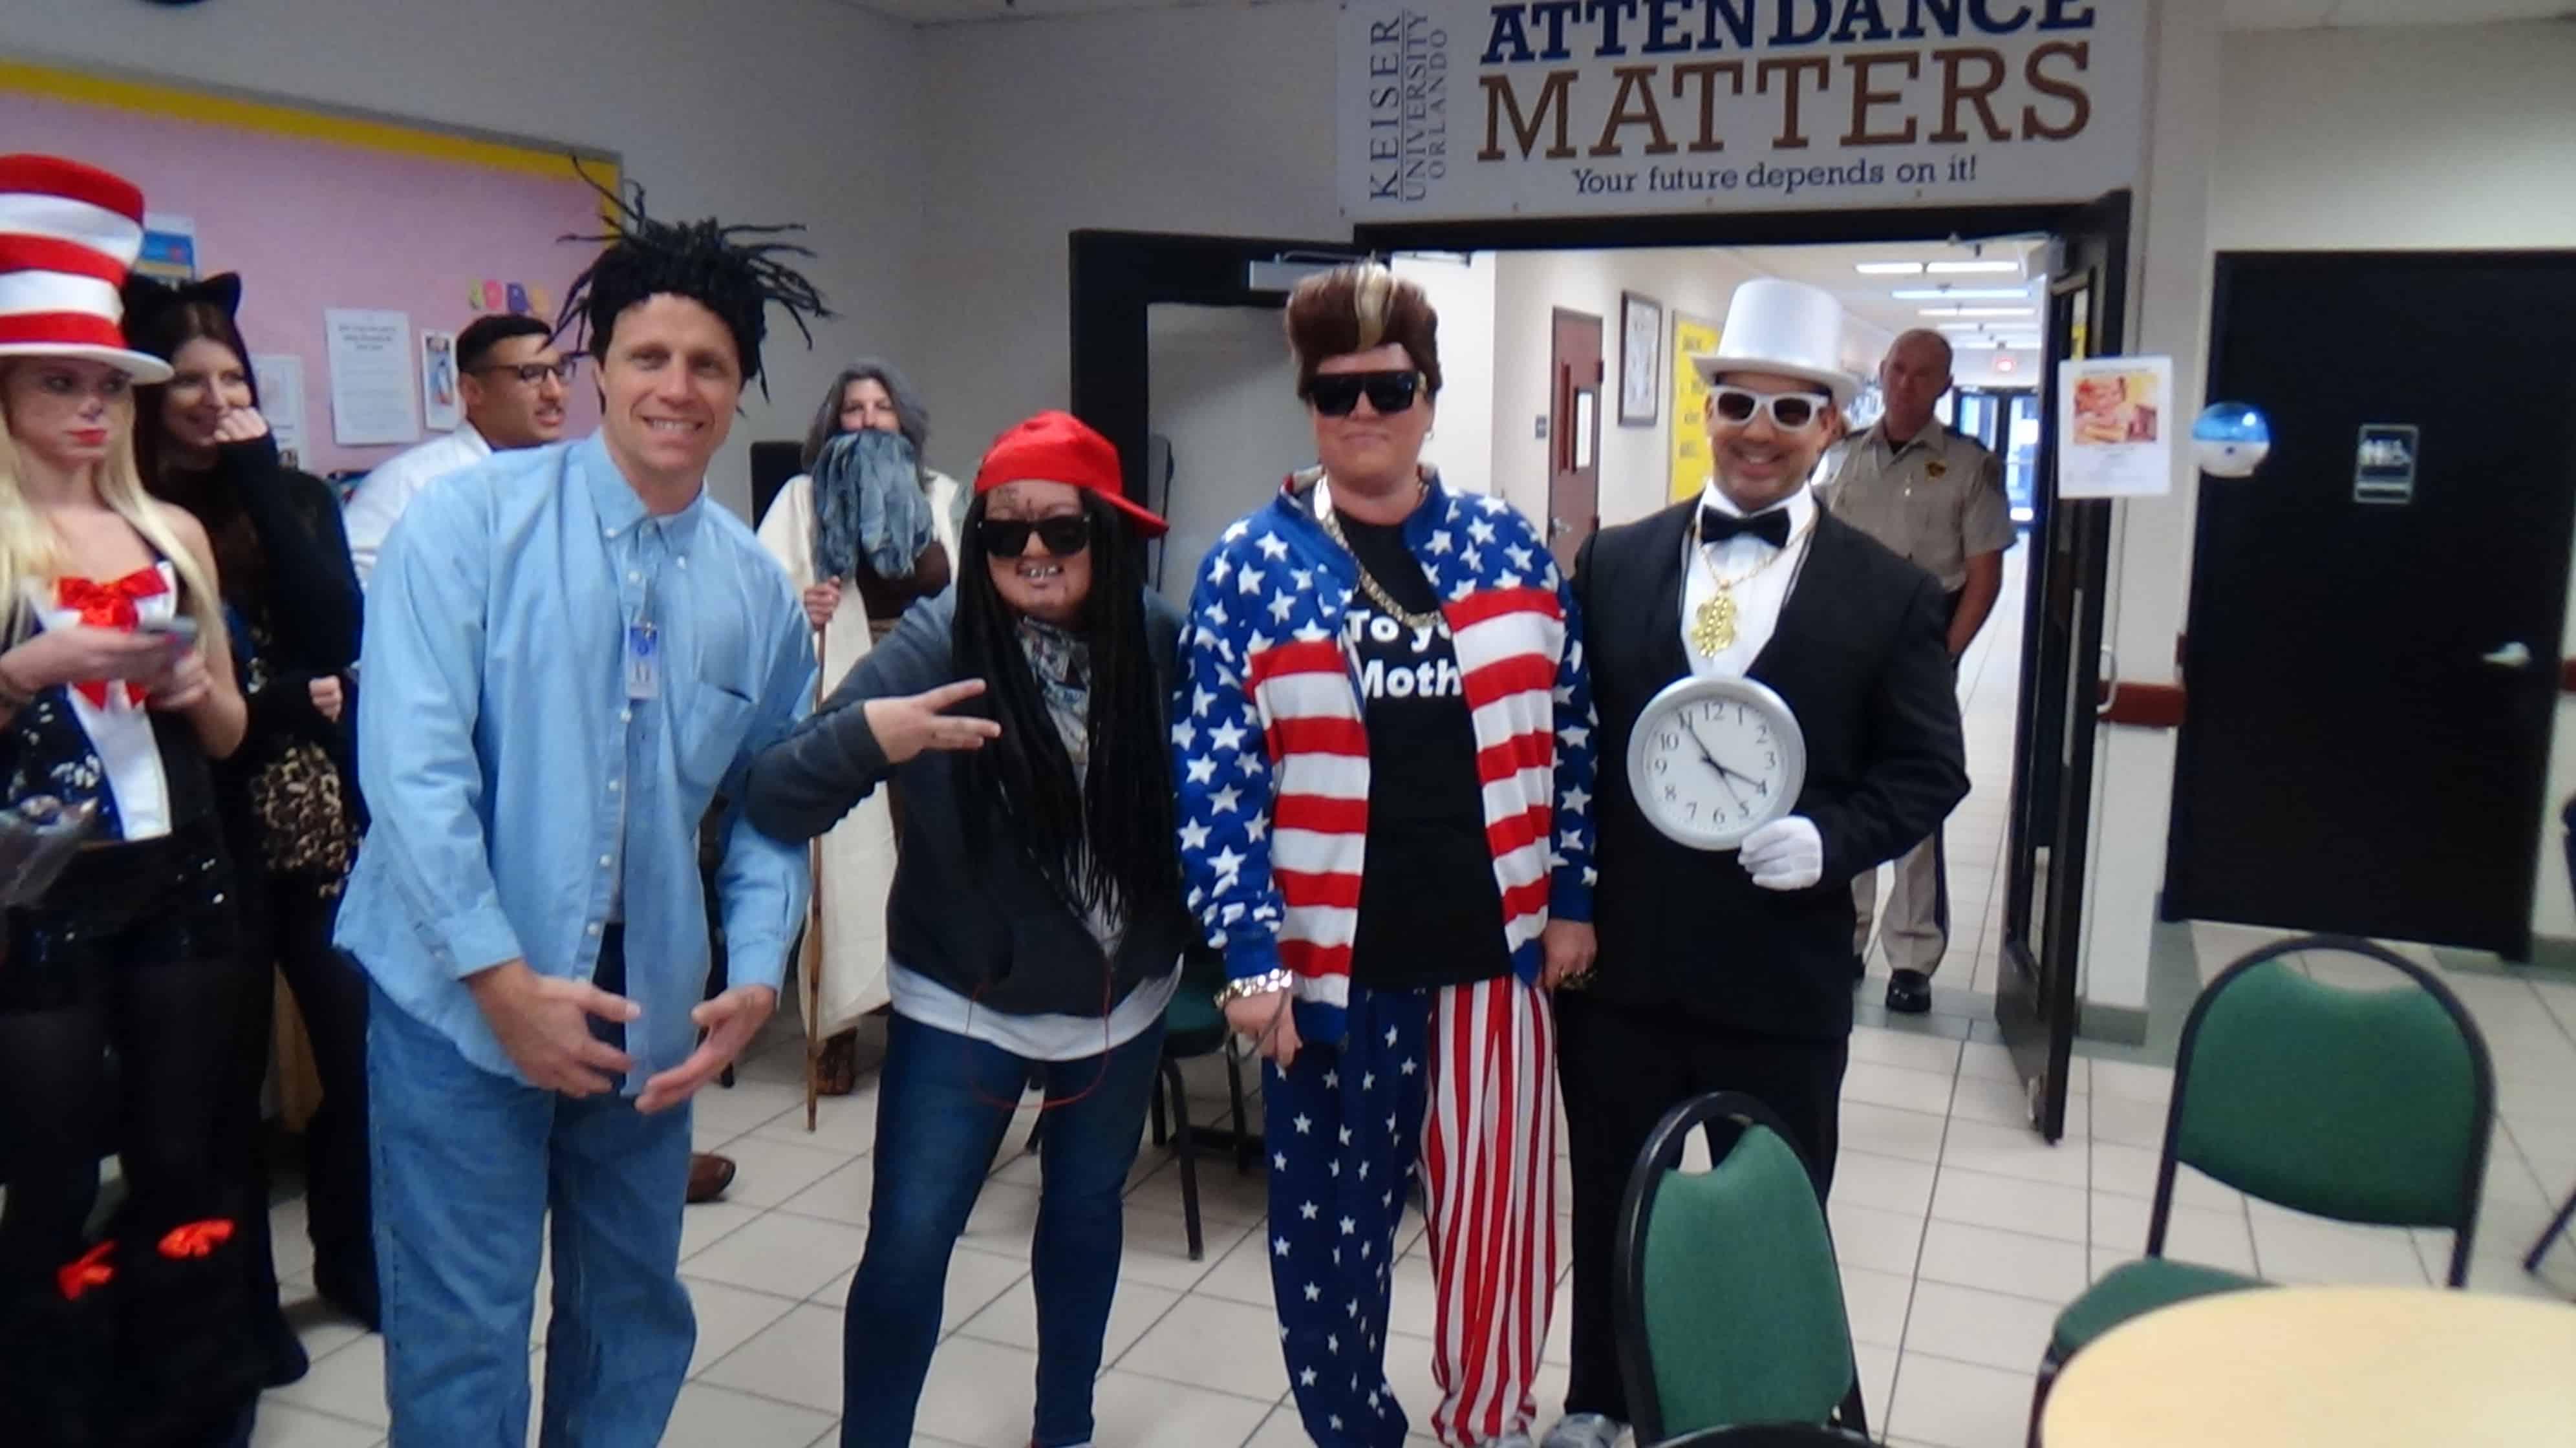 Orlando's SGA Holds a Costume Contest